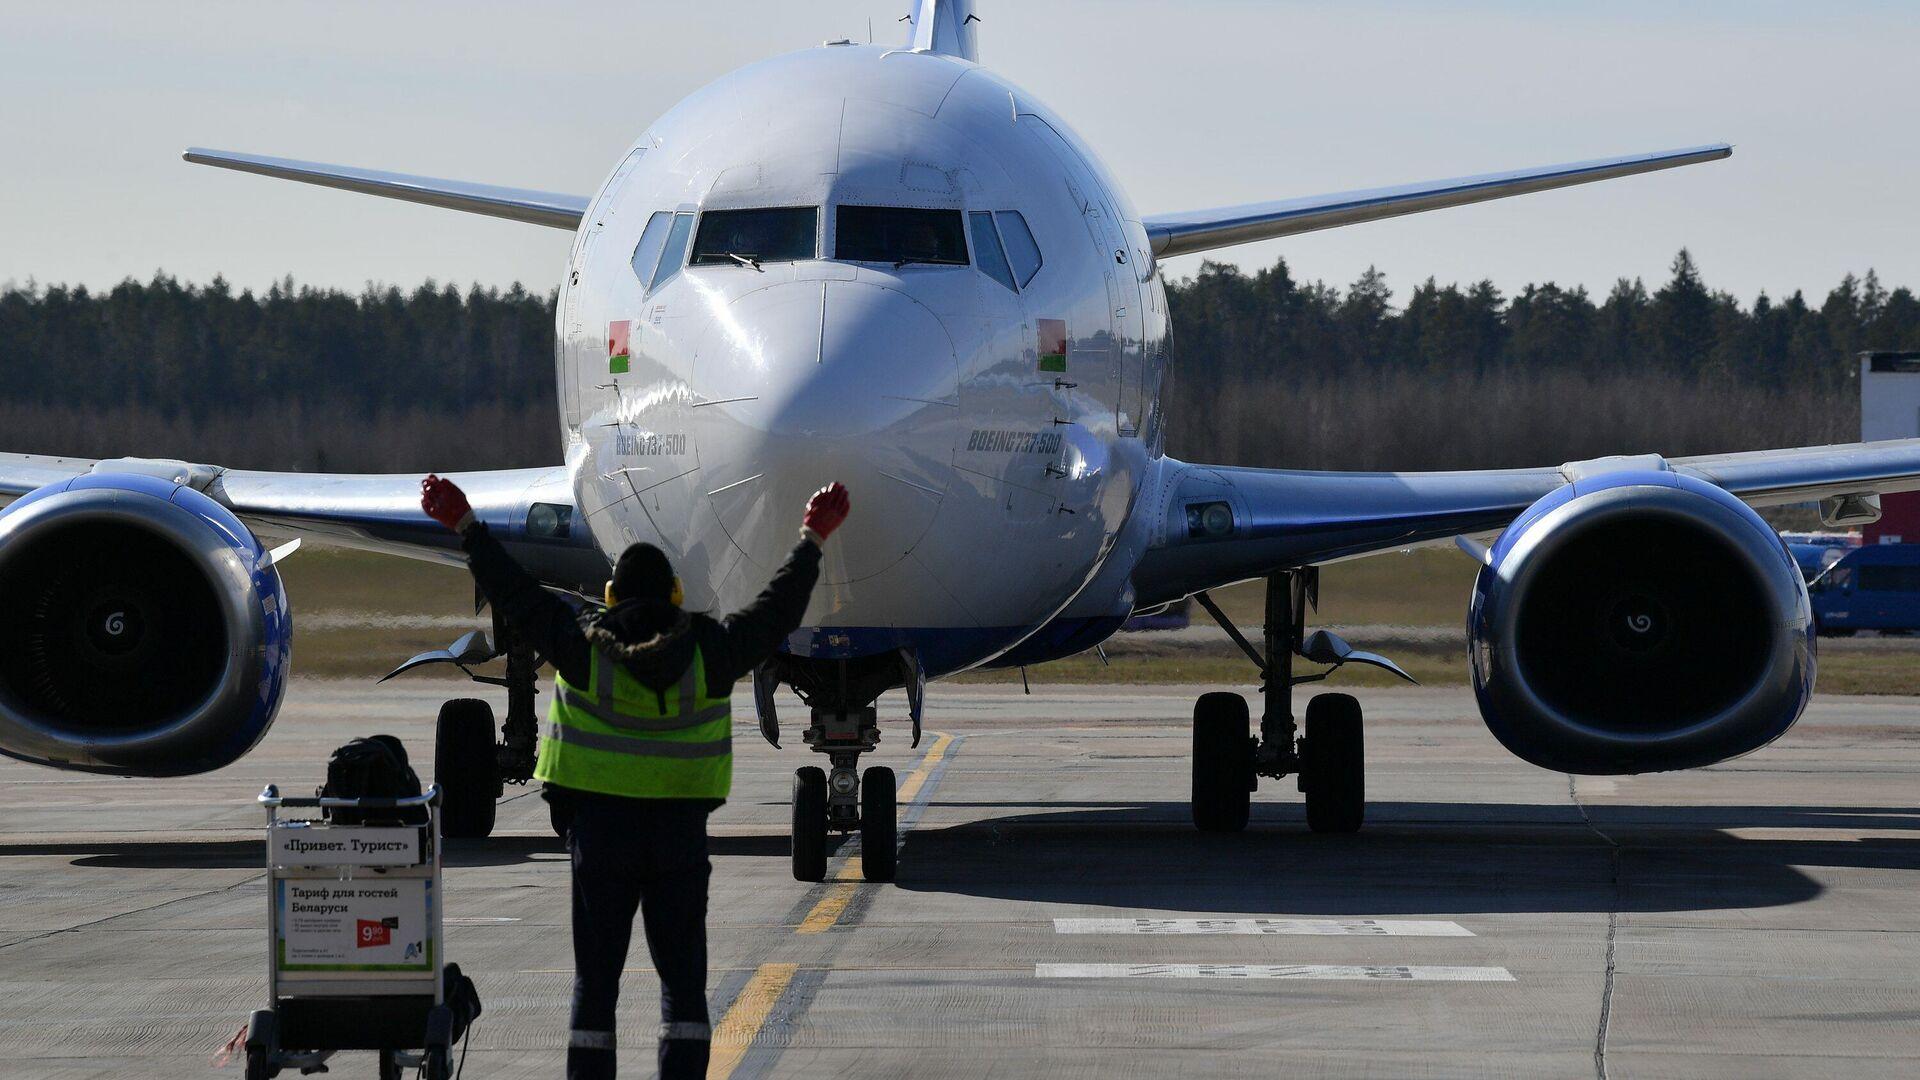 Белоруссия не будет принимать самолеты с Украины, заявил Лукашенко